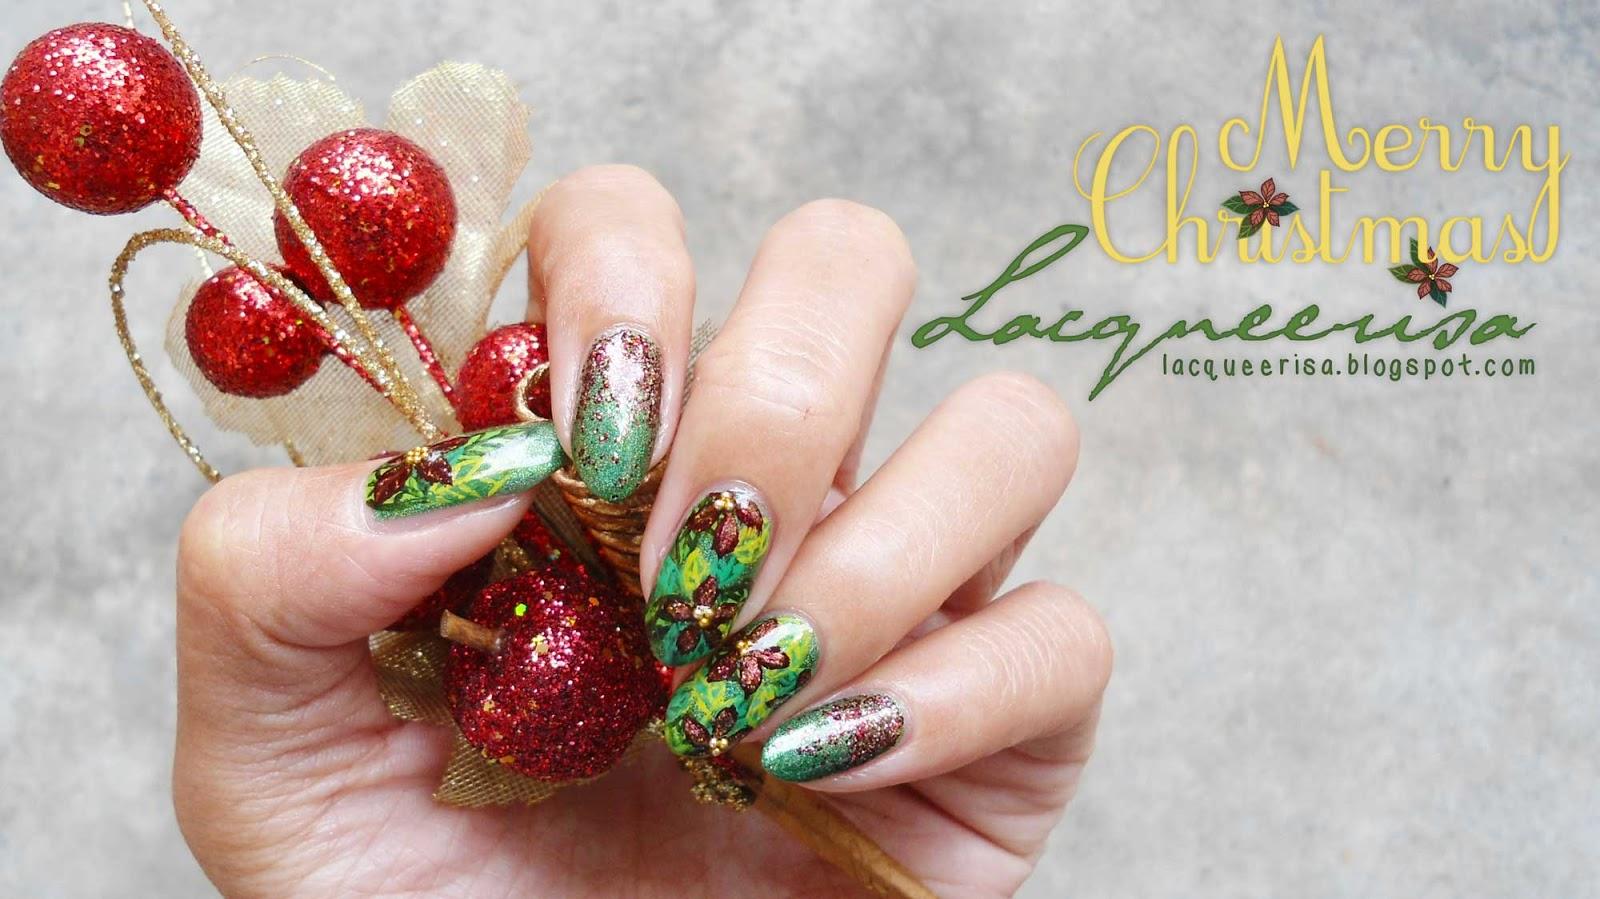 Christmas Poinsettia lacqueerisa.blogspot.com